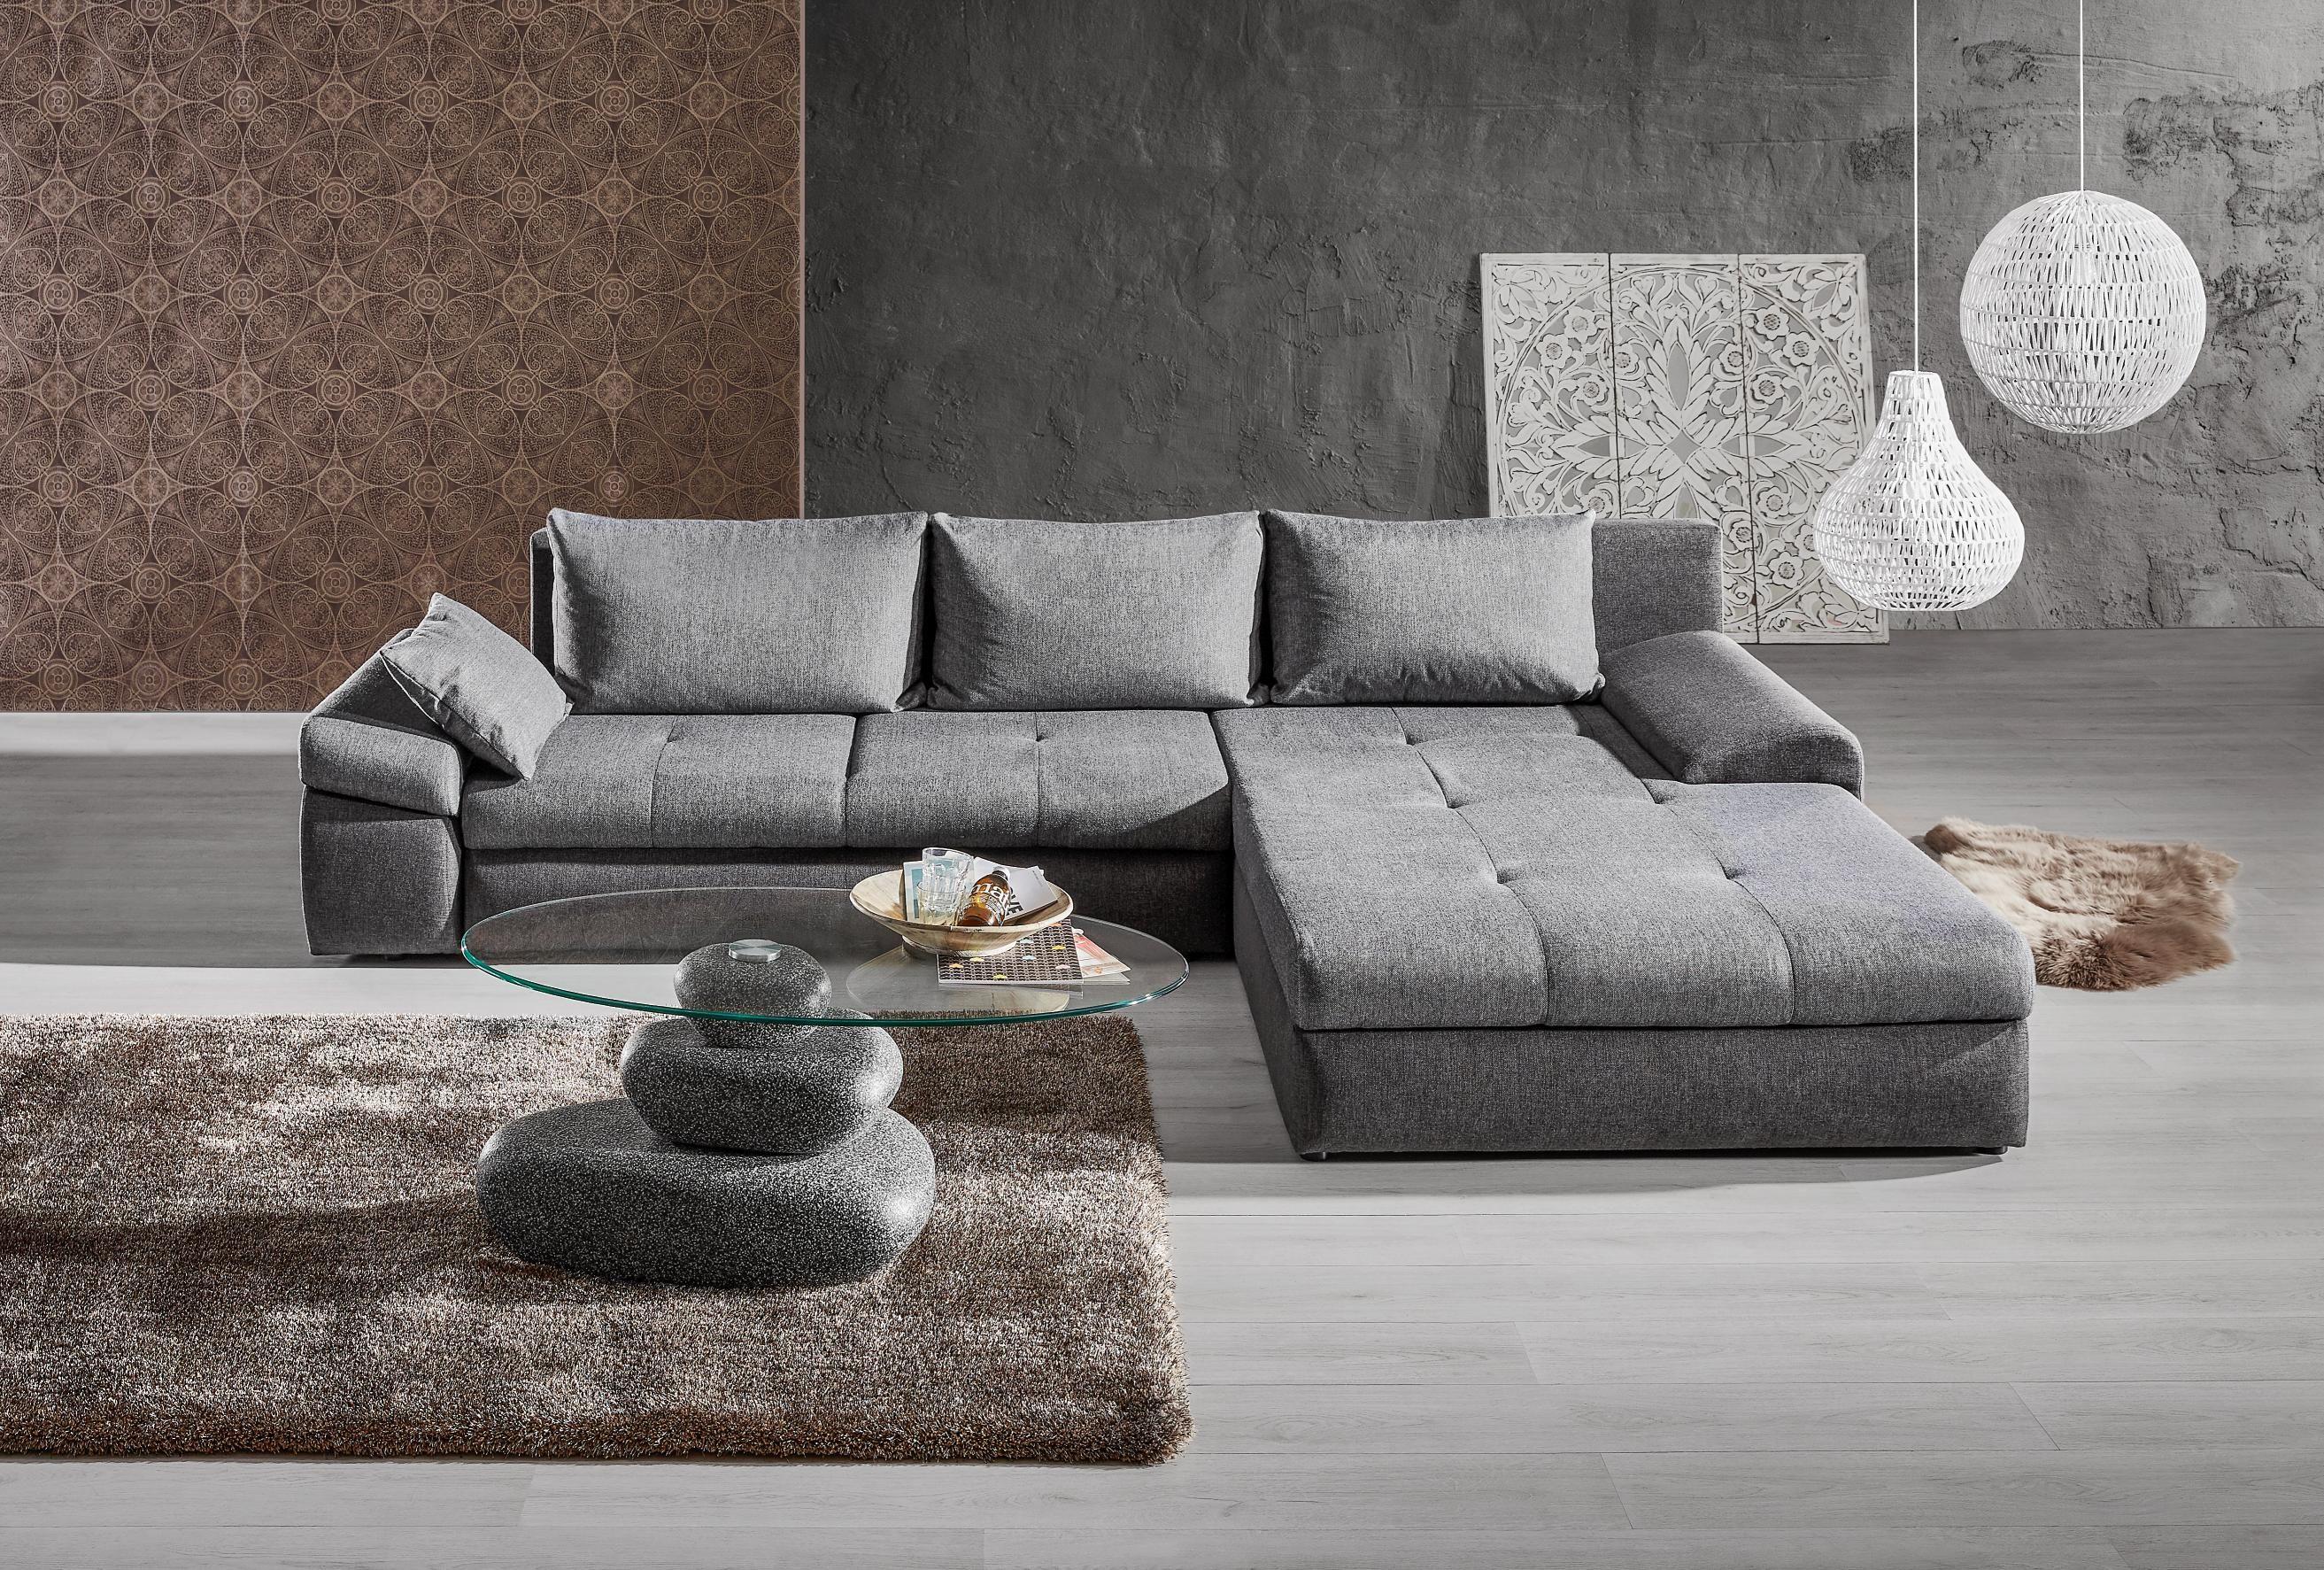 graue wohnlandschaft mit praktischer schlaffunktion komfortabel chic 30 tagfurniture - Eckschlafsofa Die Praktischen Sofa Fur Ihren Komfort